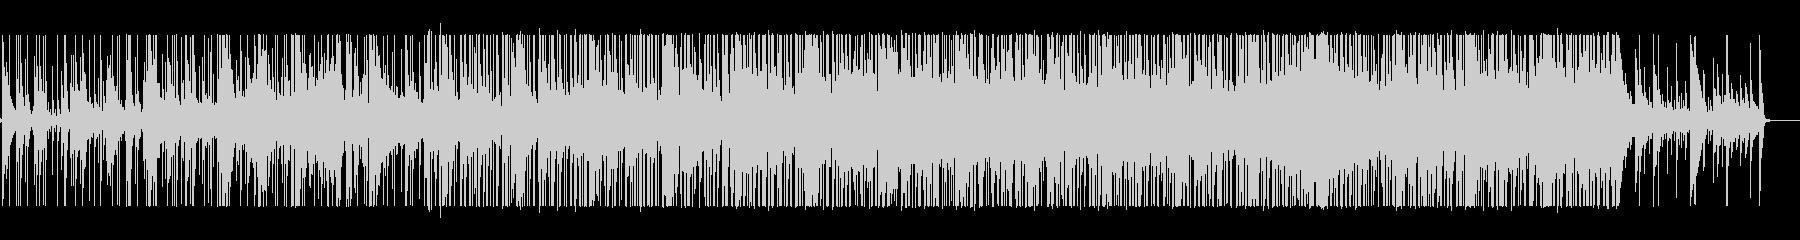 哀愁ある循環コードの曲の未再生の波形